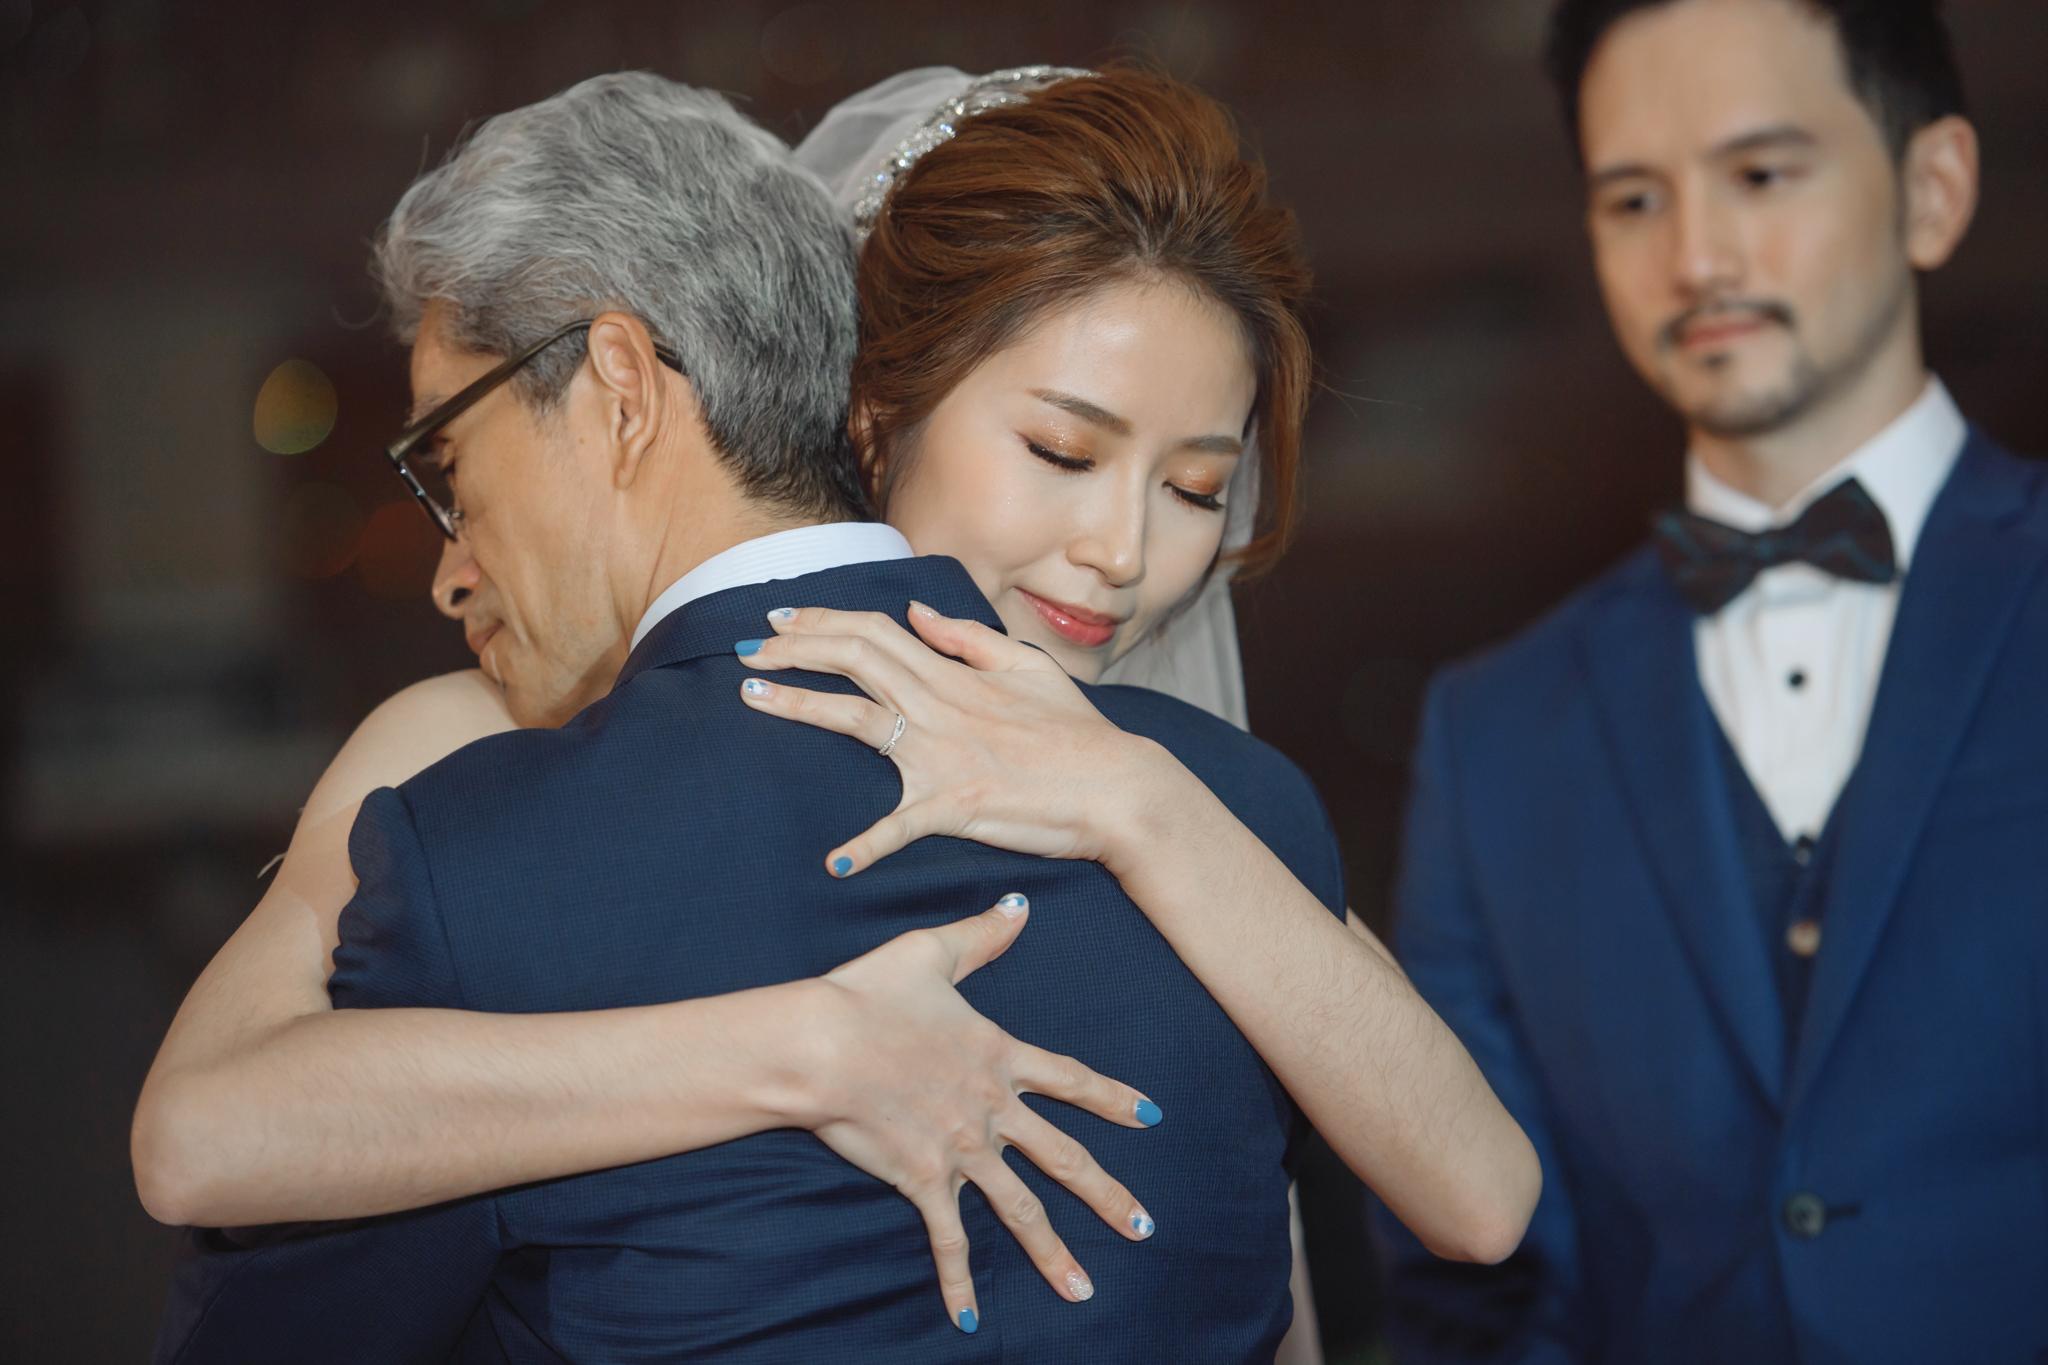 [婚禮紀錄] Andrew & Heidi - 大倉久和